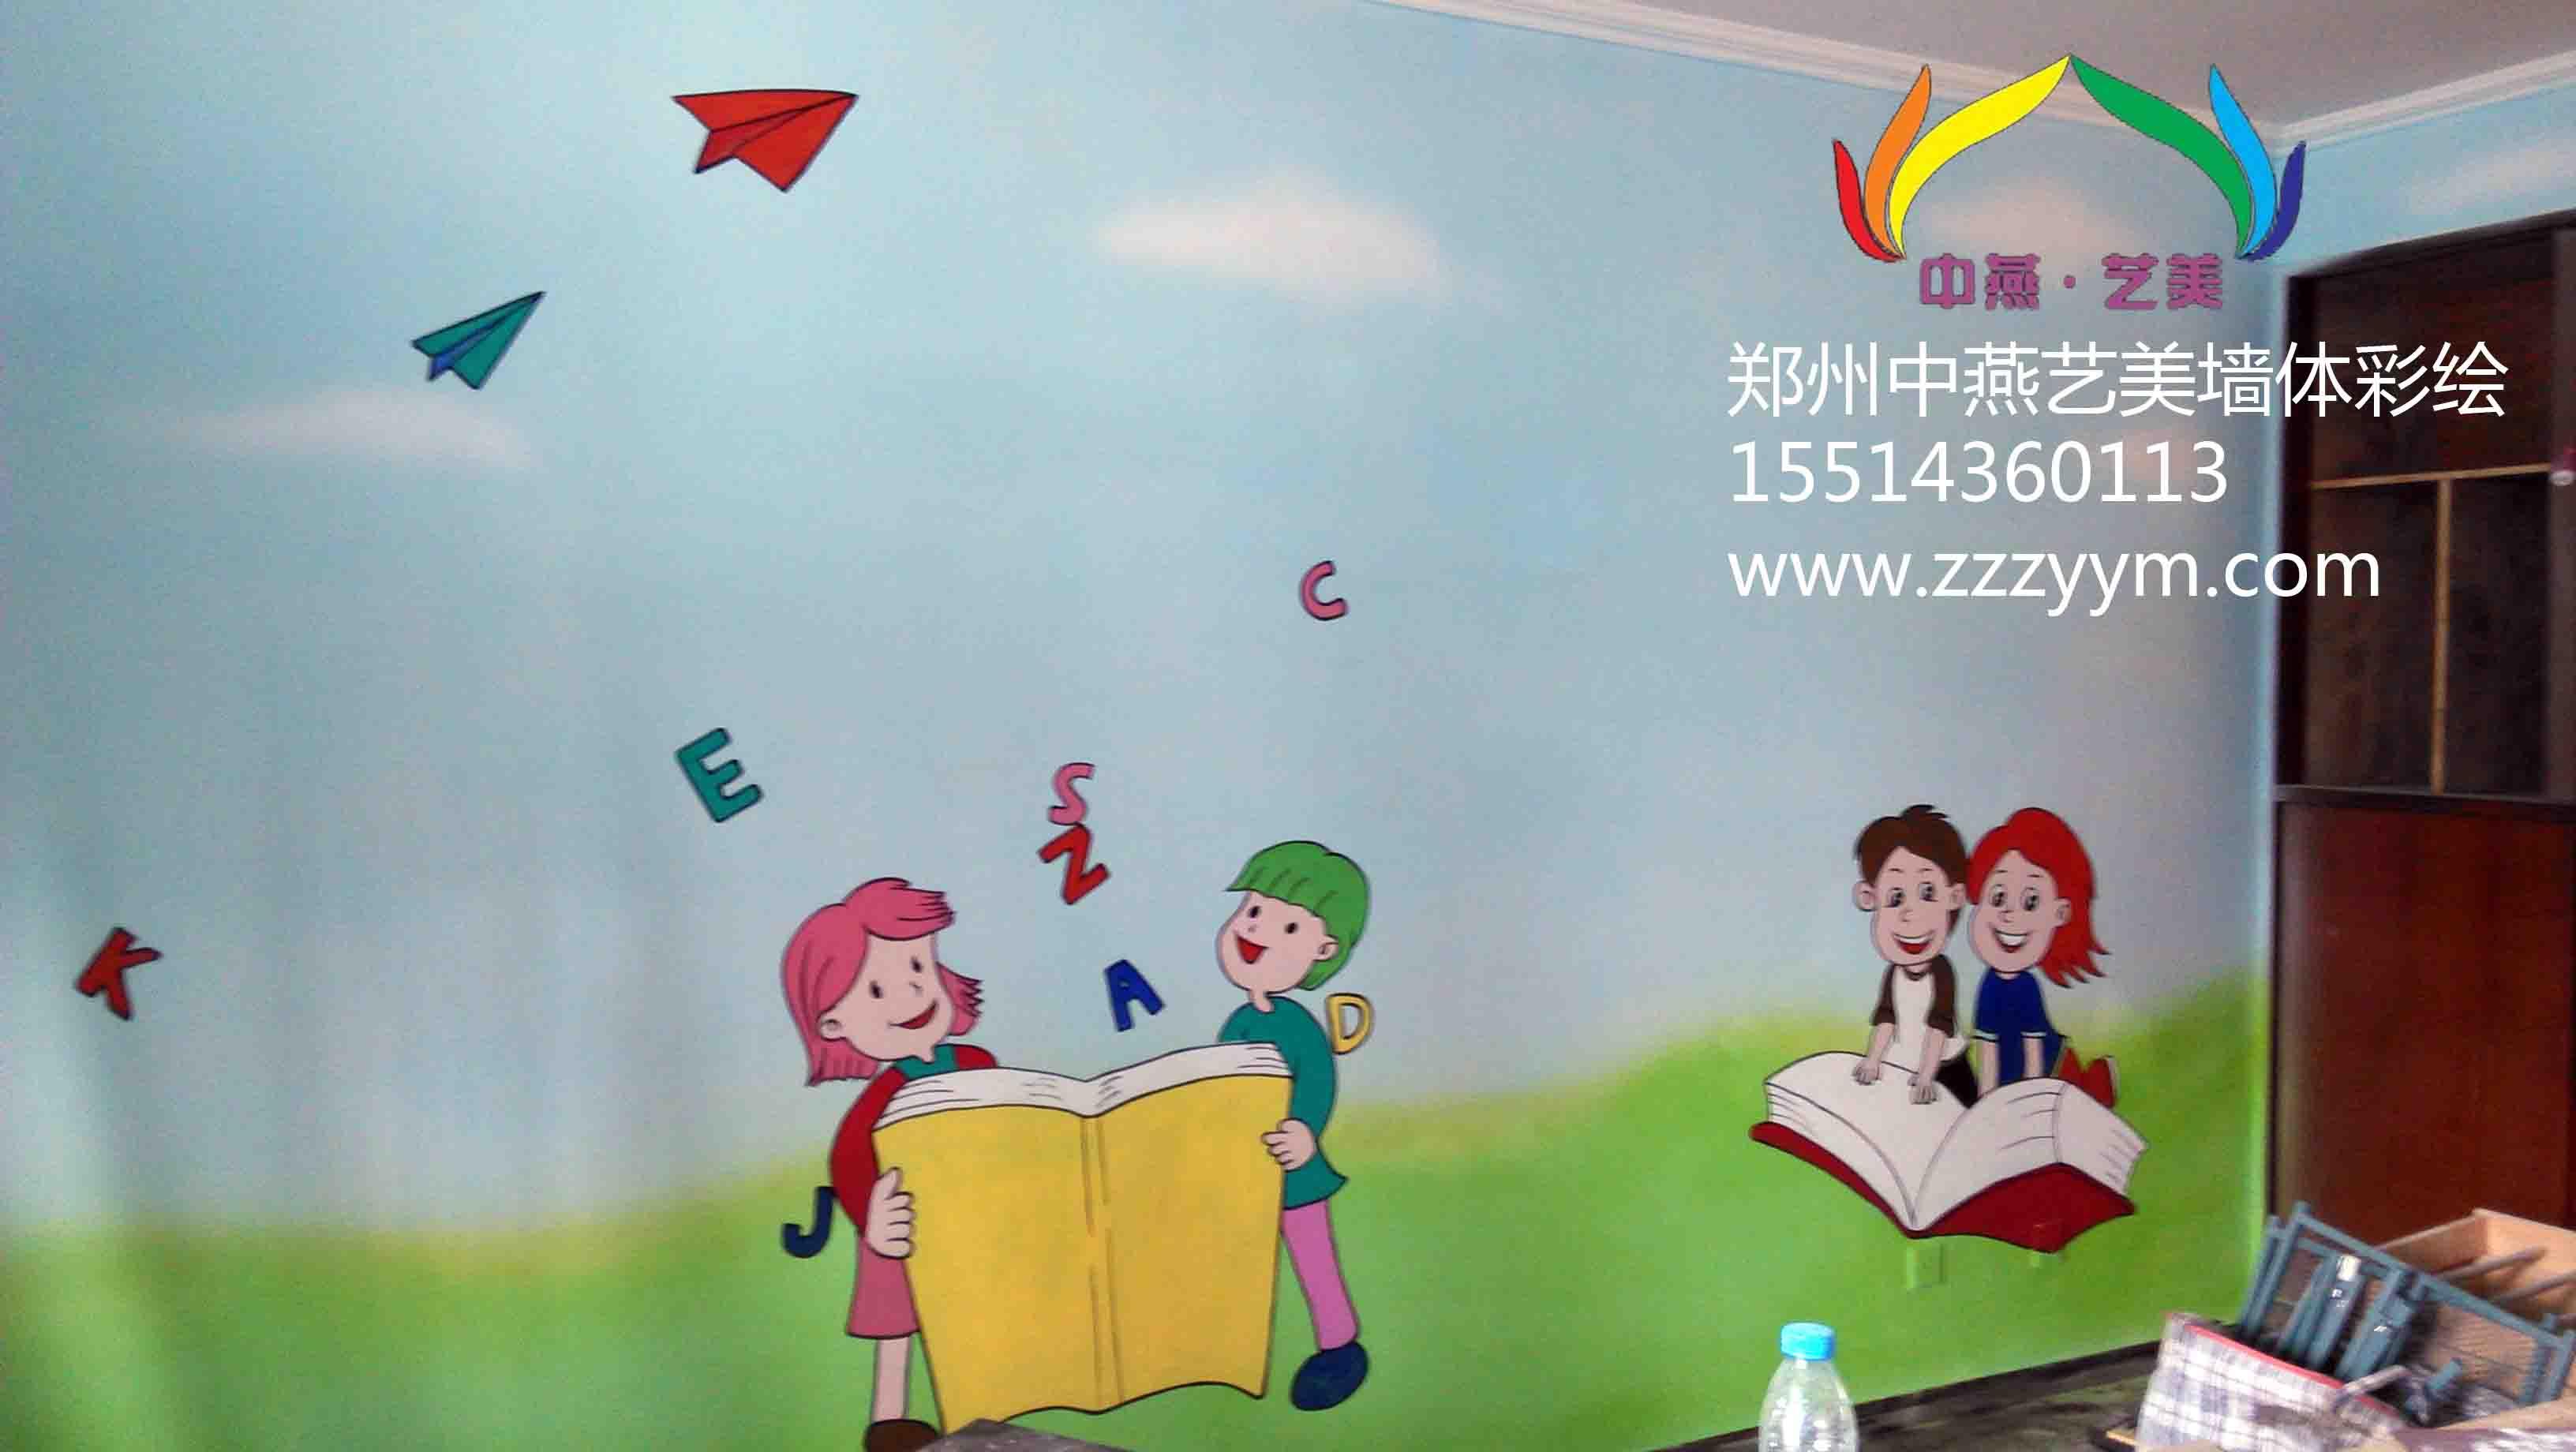 郑州幼儿园彩绘墙体彩绘墙绘